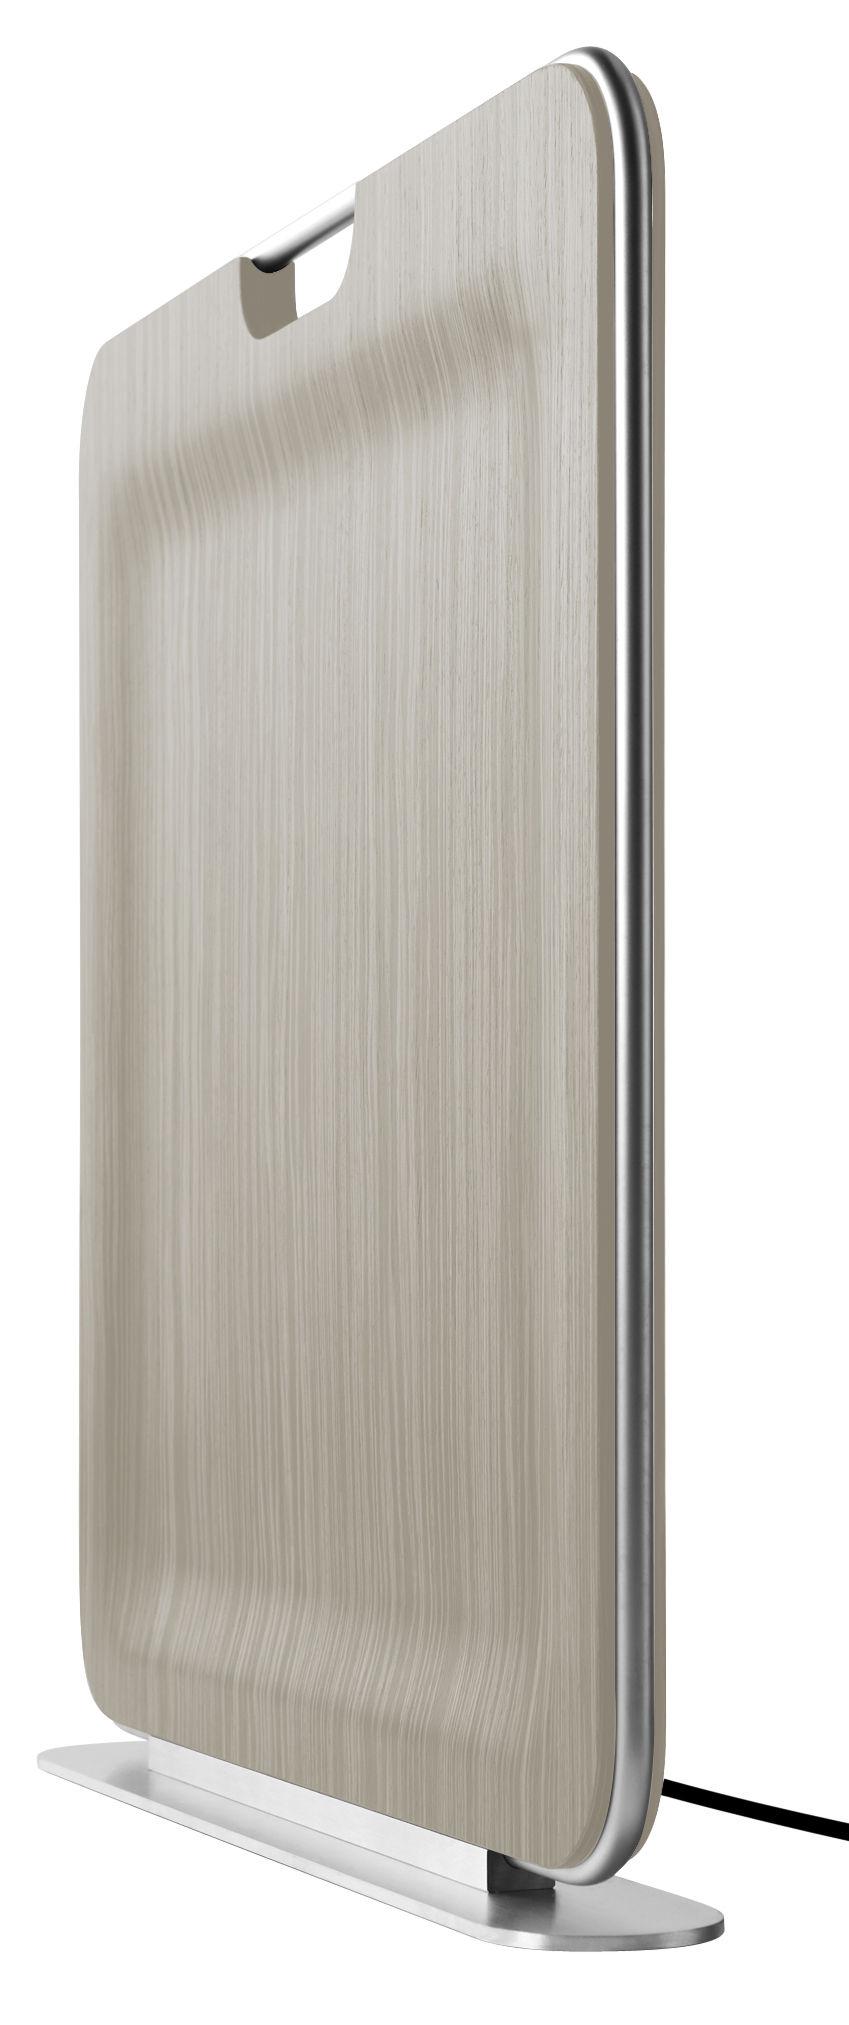 radiateur bag infrarouge et mobile ch ne blanchi i radium. Black Bedroom Furniture Sets. Home Design Ideas